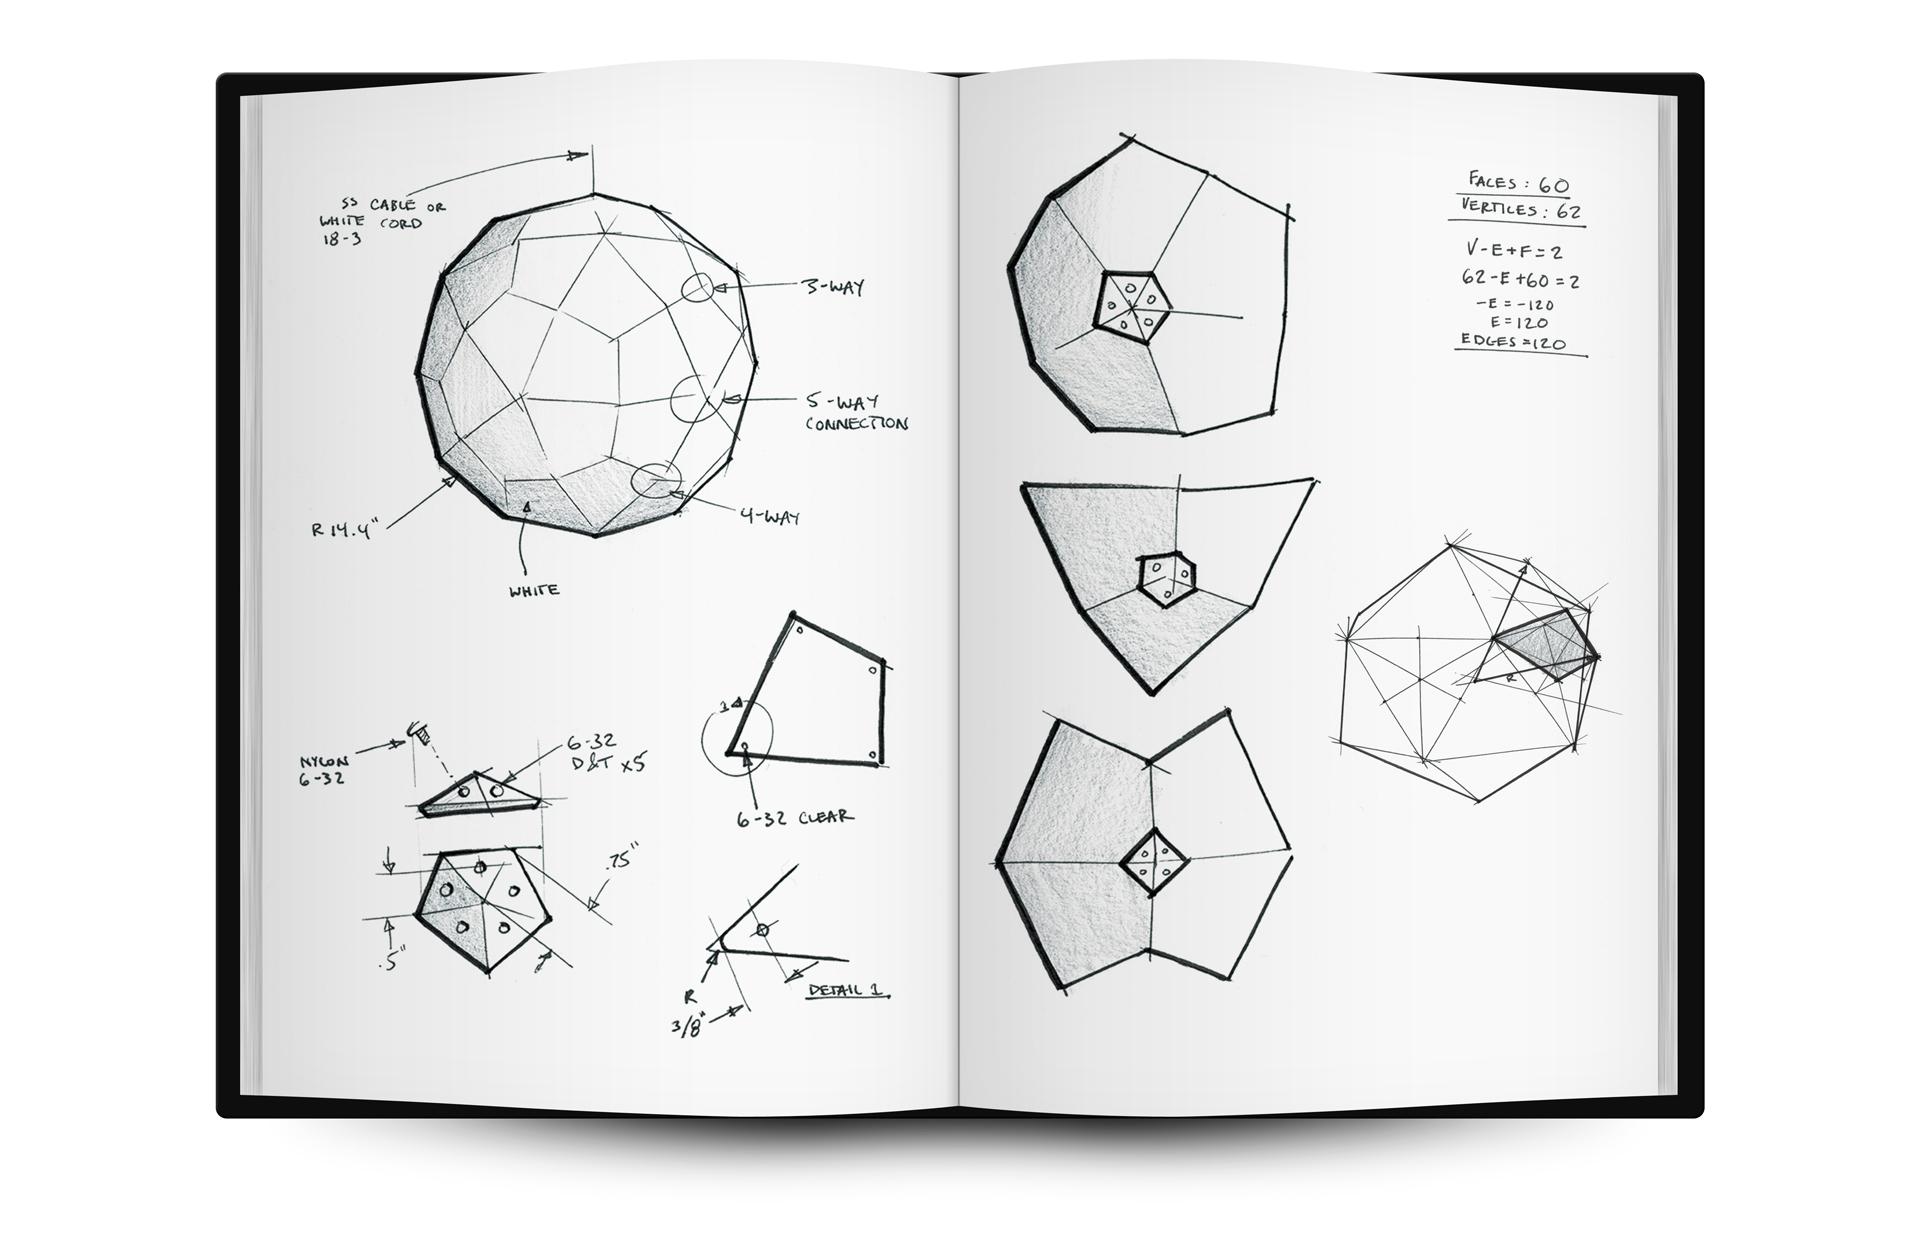 FullerMoon-Sketch-2.jpg